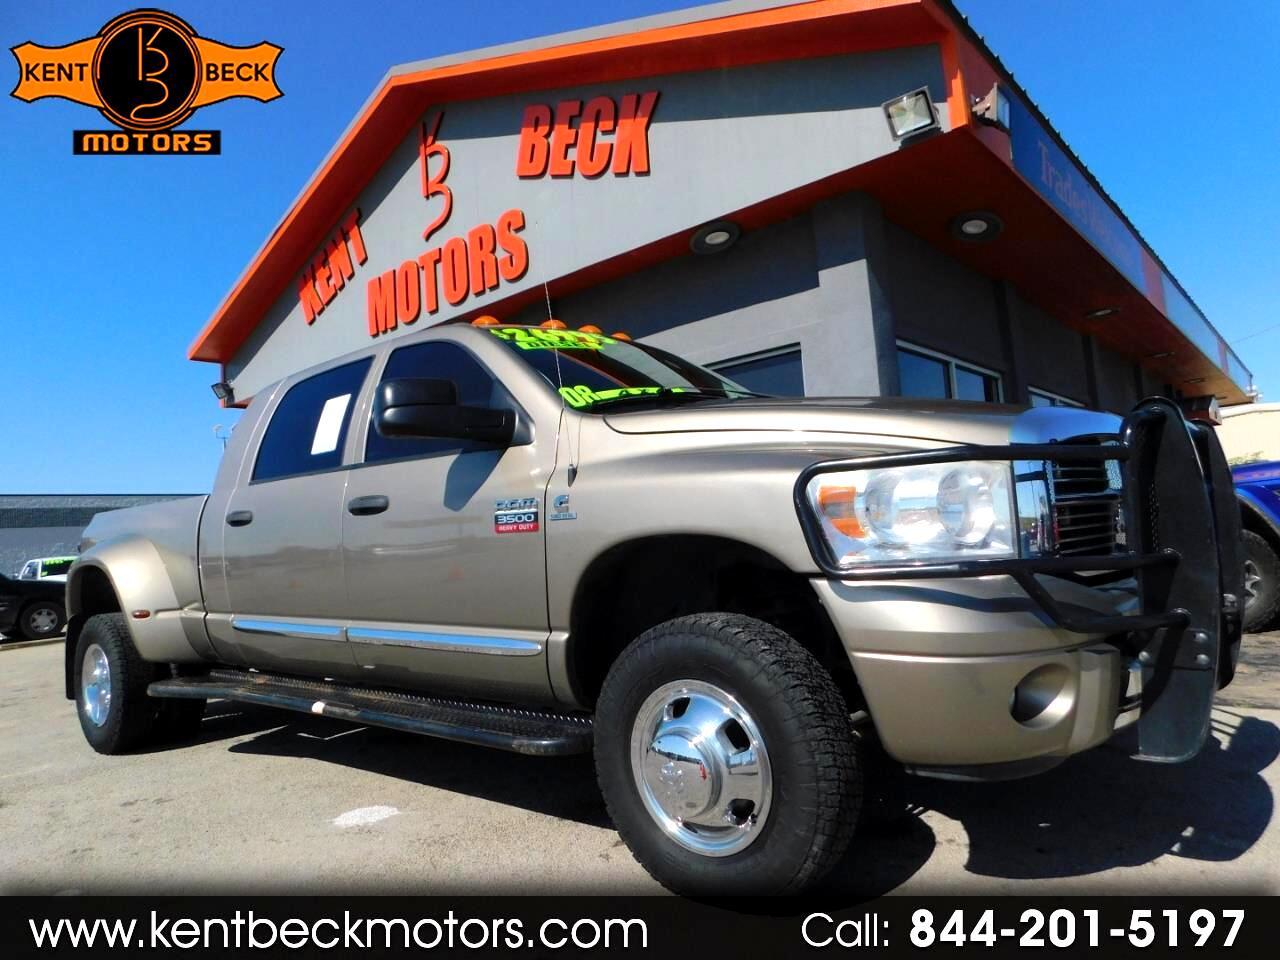 2008 Dodge Ram 3500 Laramie Mega Cab 4WD DRW